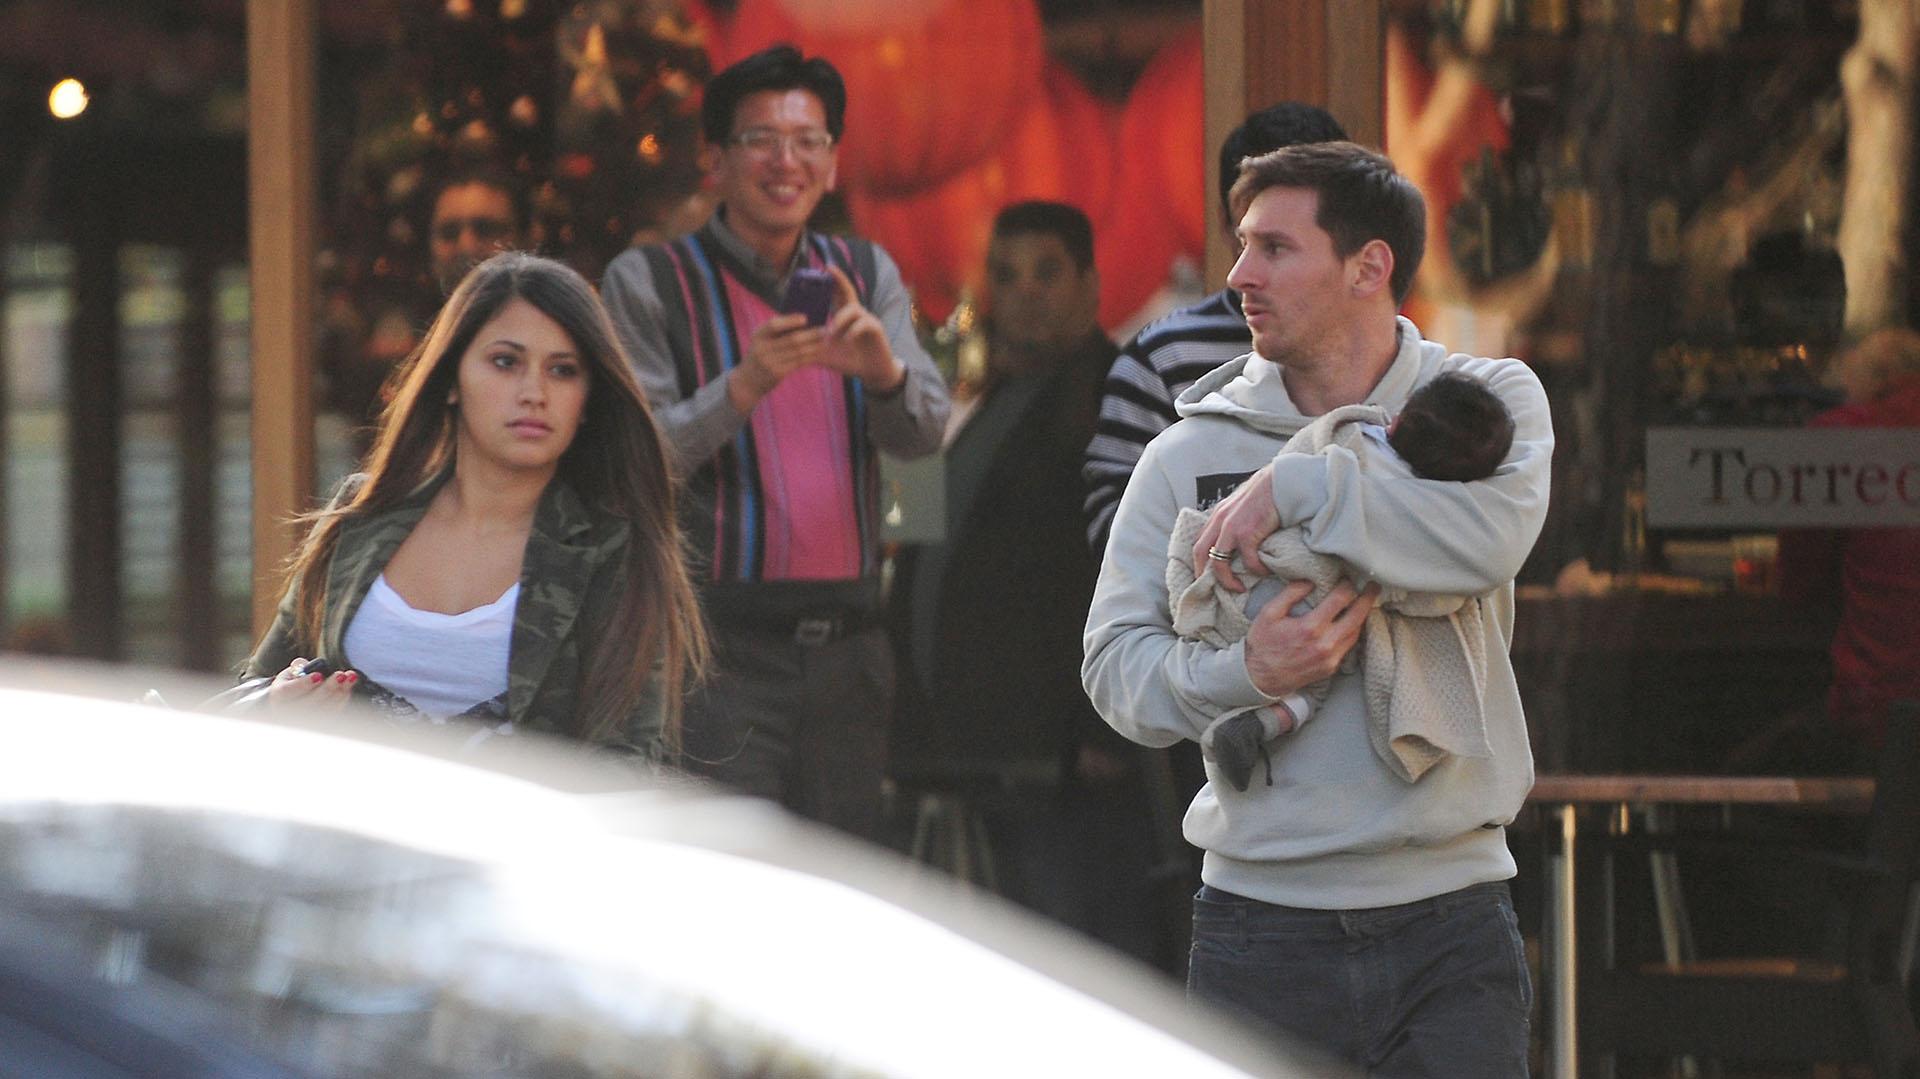 Thiago nació el 2 de noviembre de 2012. Esta es una de las primeras imágenes que se conocieron del primer hijo de Lionel y Antonela. Fue en Barcelonael 10 de diciembre de ese año (Grosby Group)